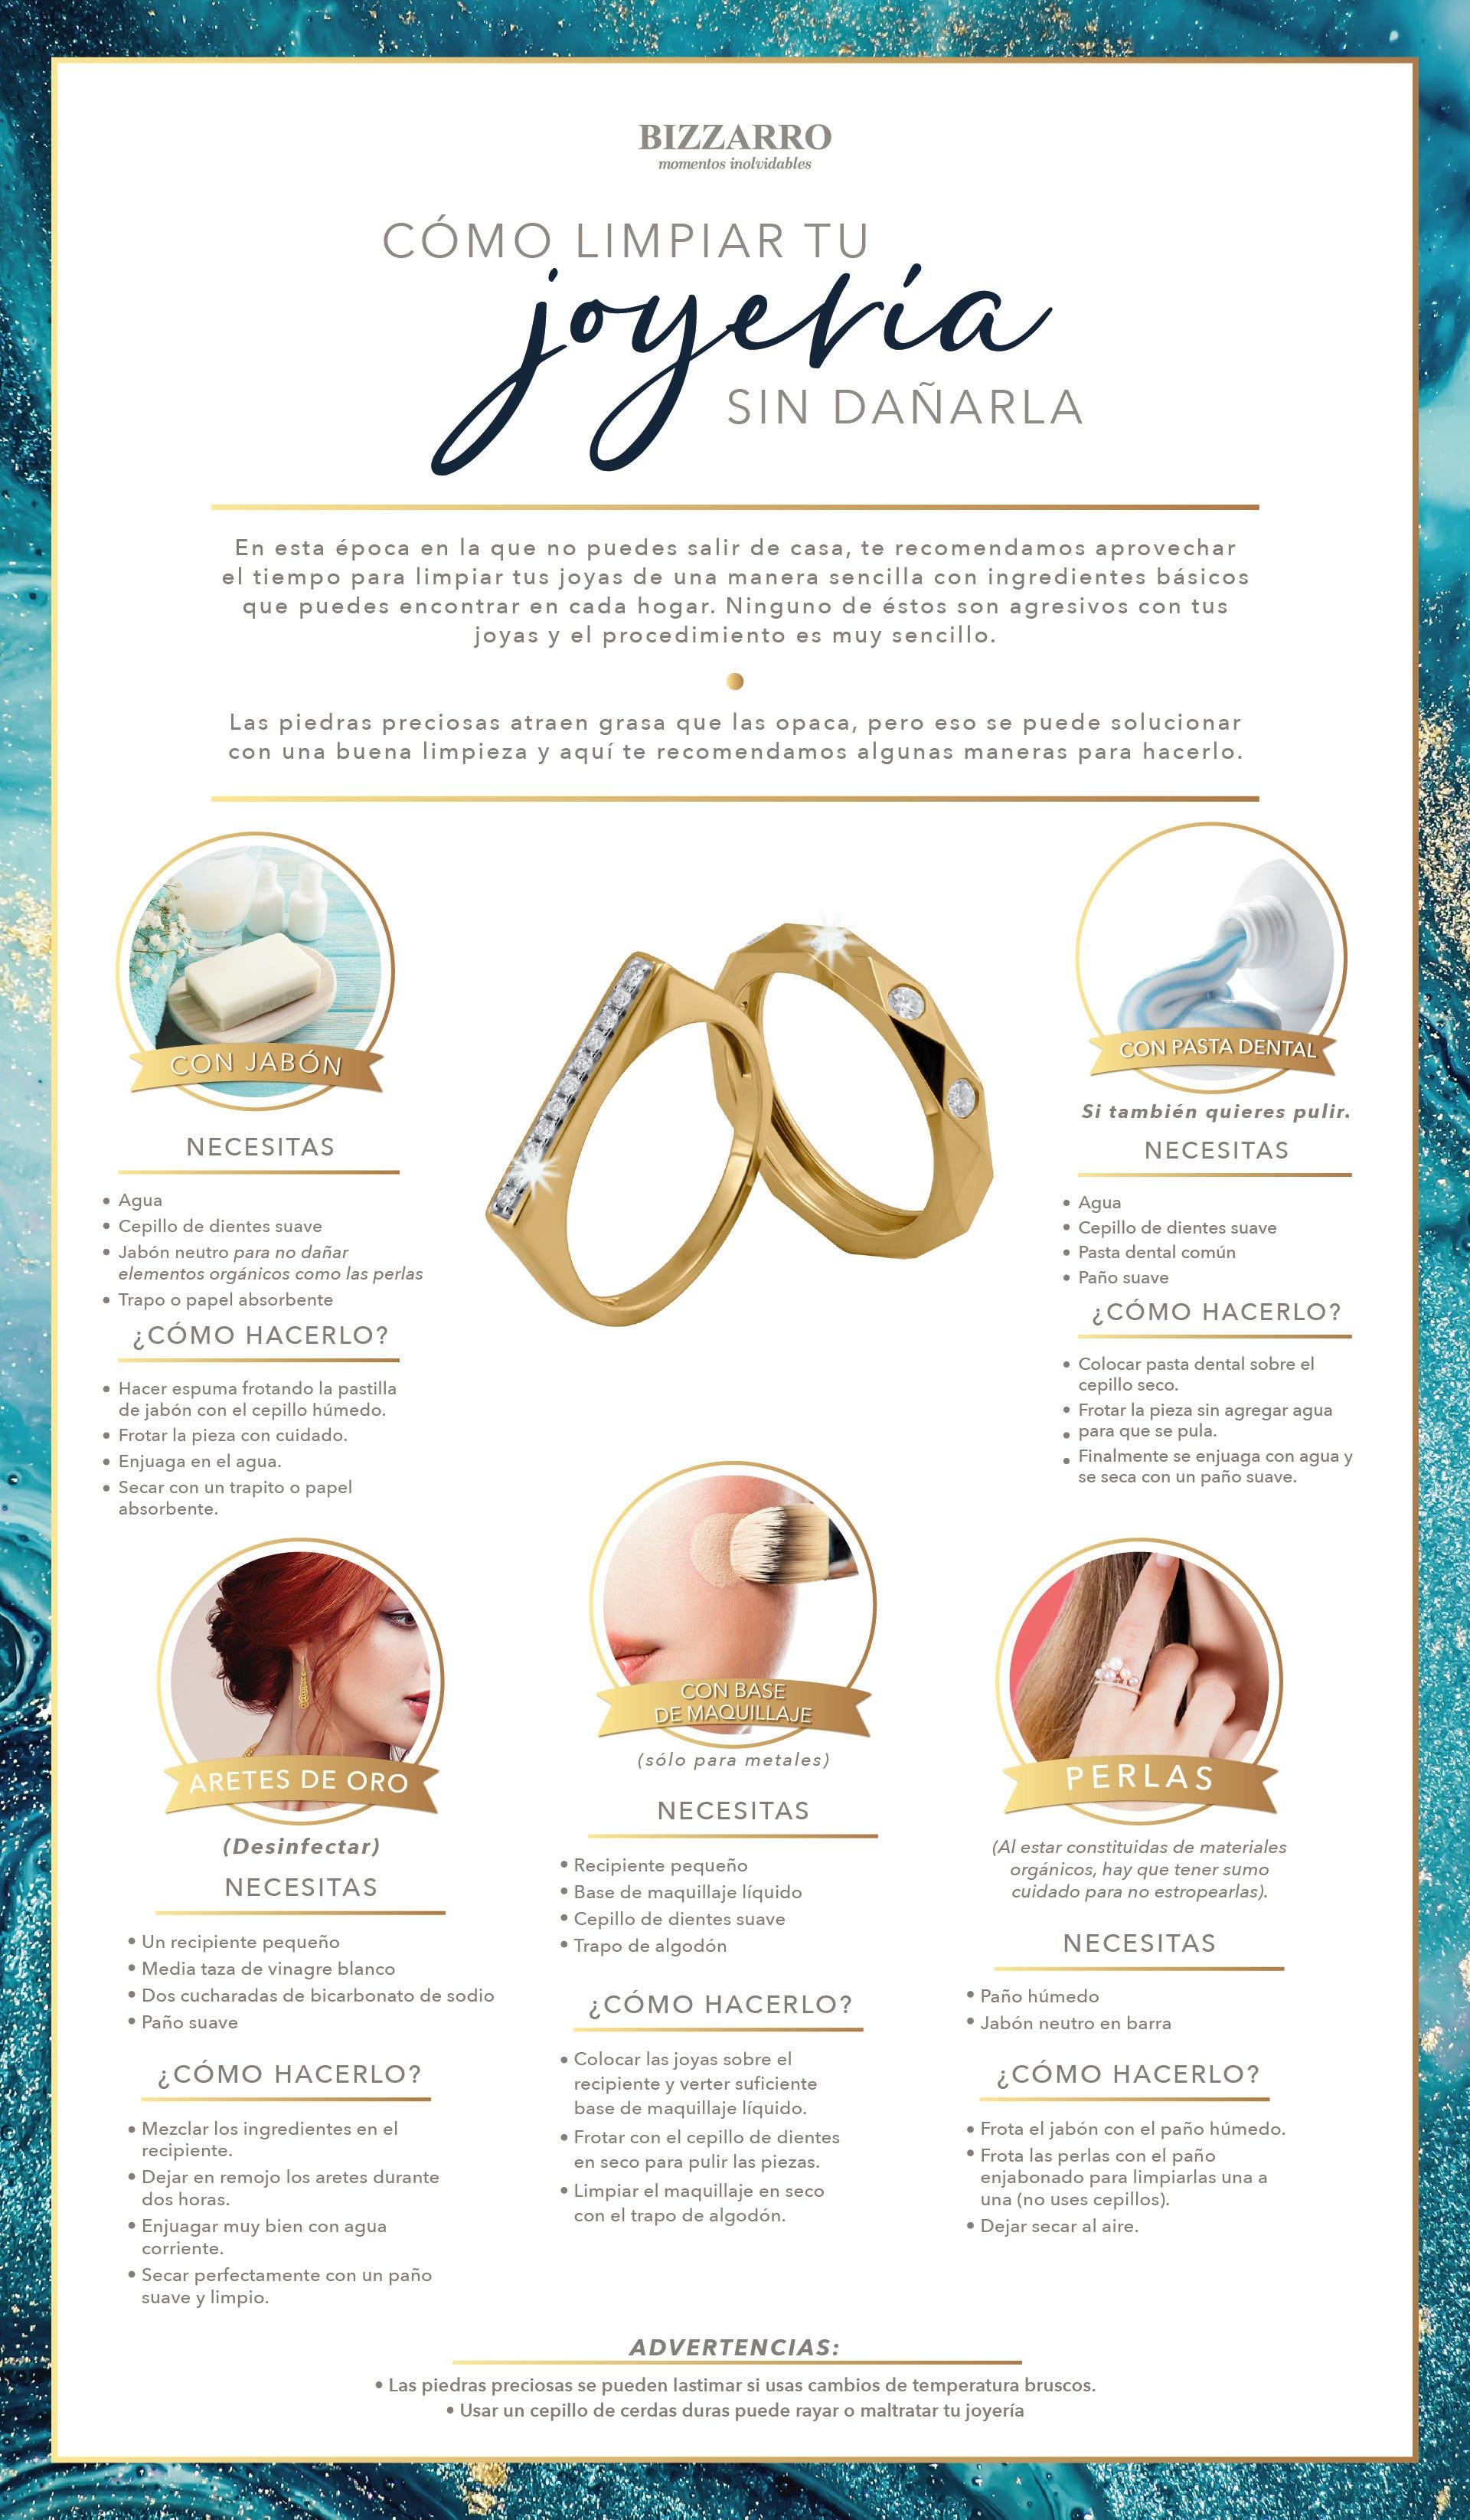 Las joyería puede limpiarse con productos caseros que no las dañan, como el jabón neutro, la pasta dental o el maquillaje.